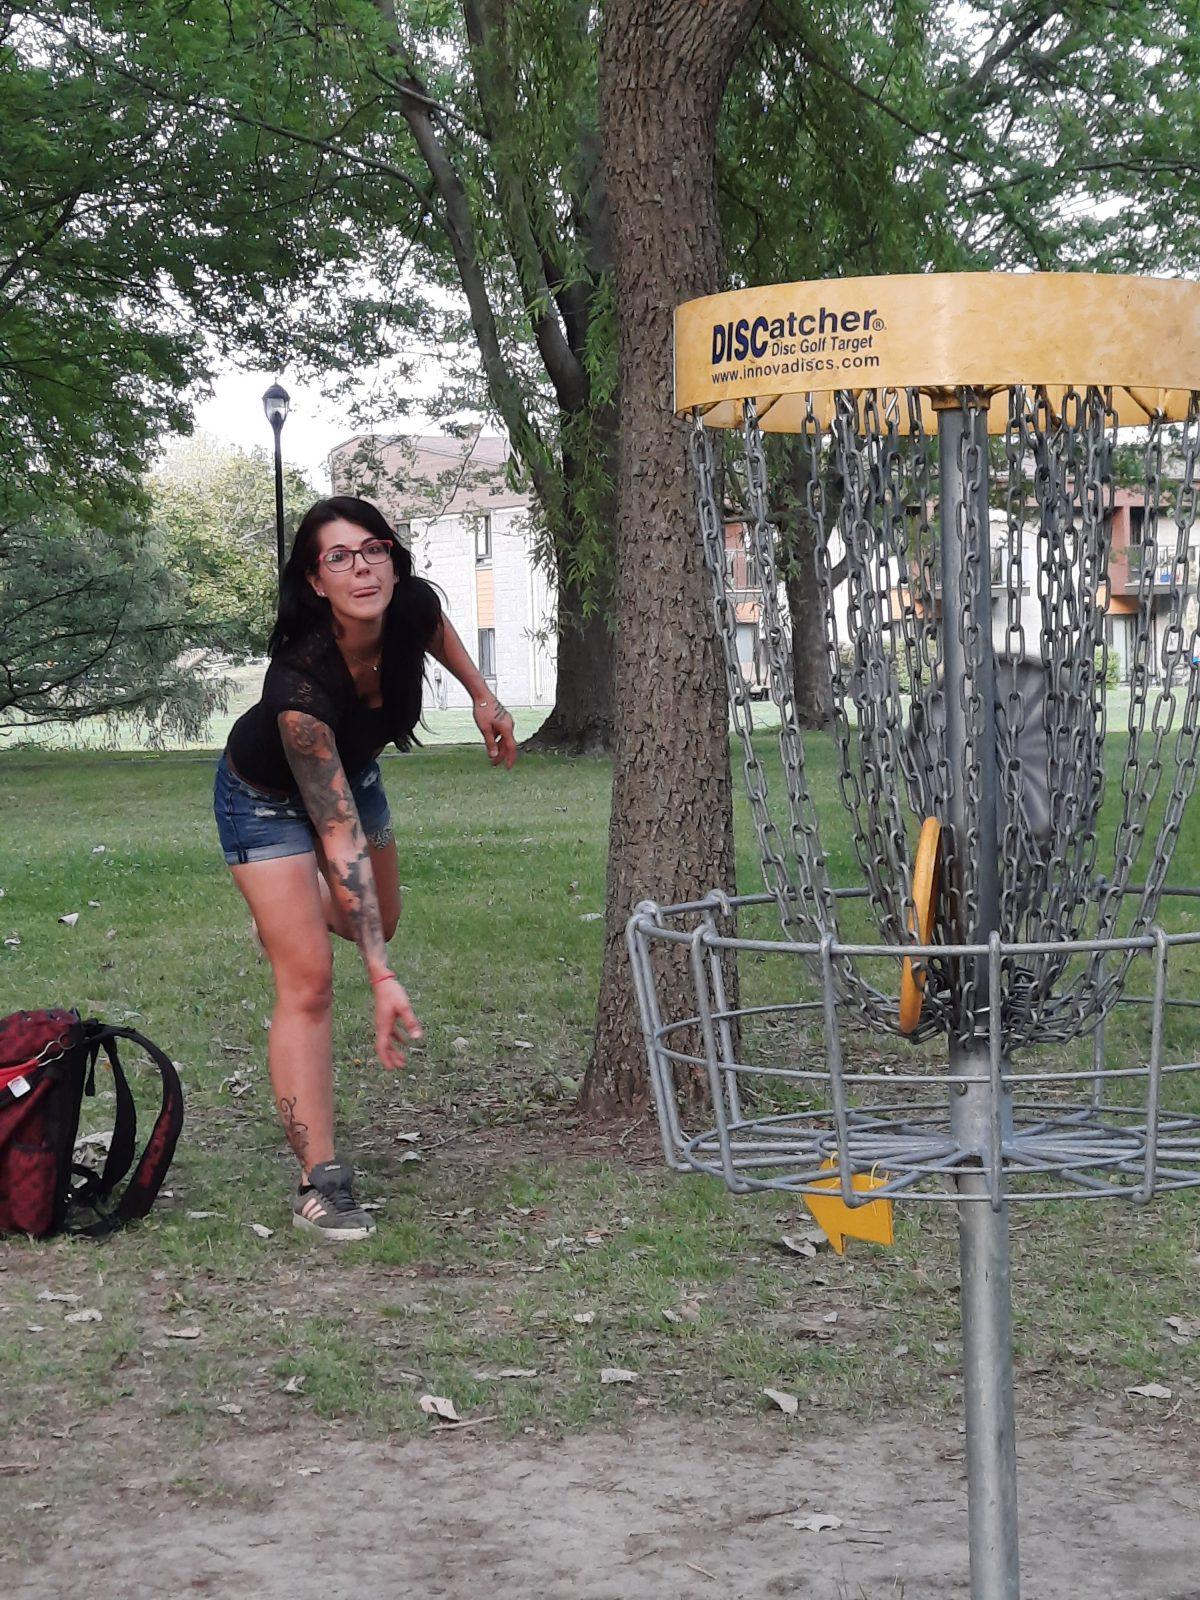 Un tournoi de disque golf à Boucherville